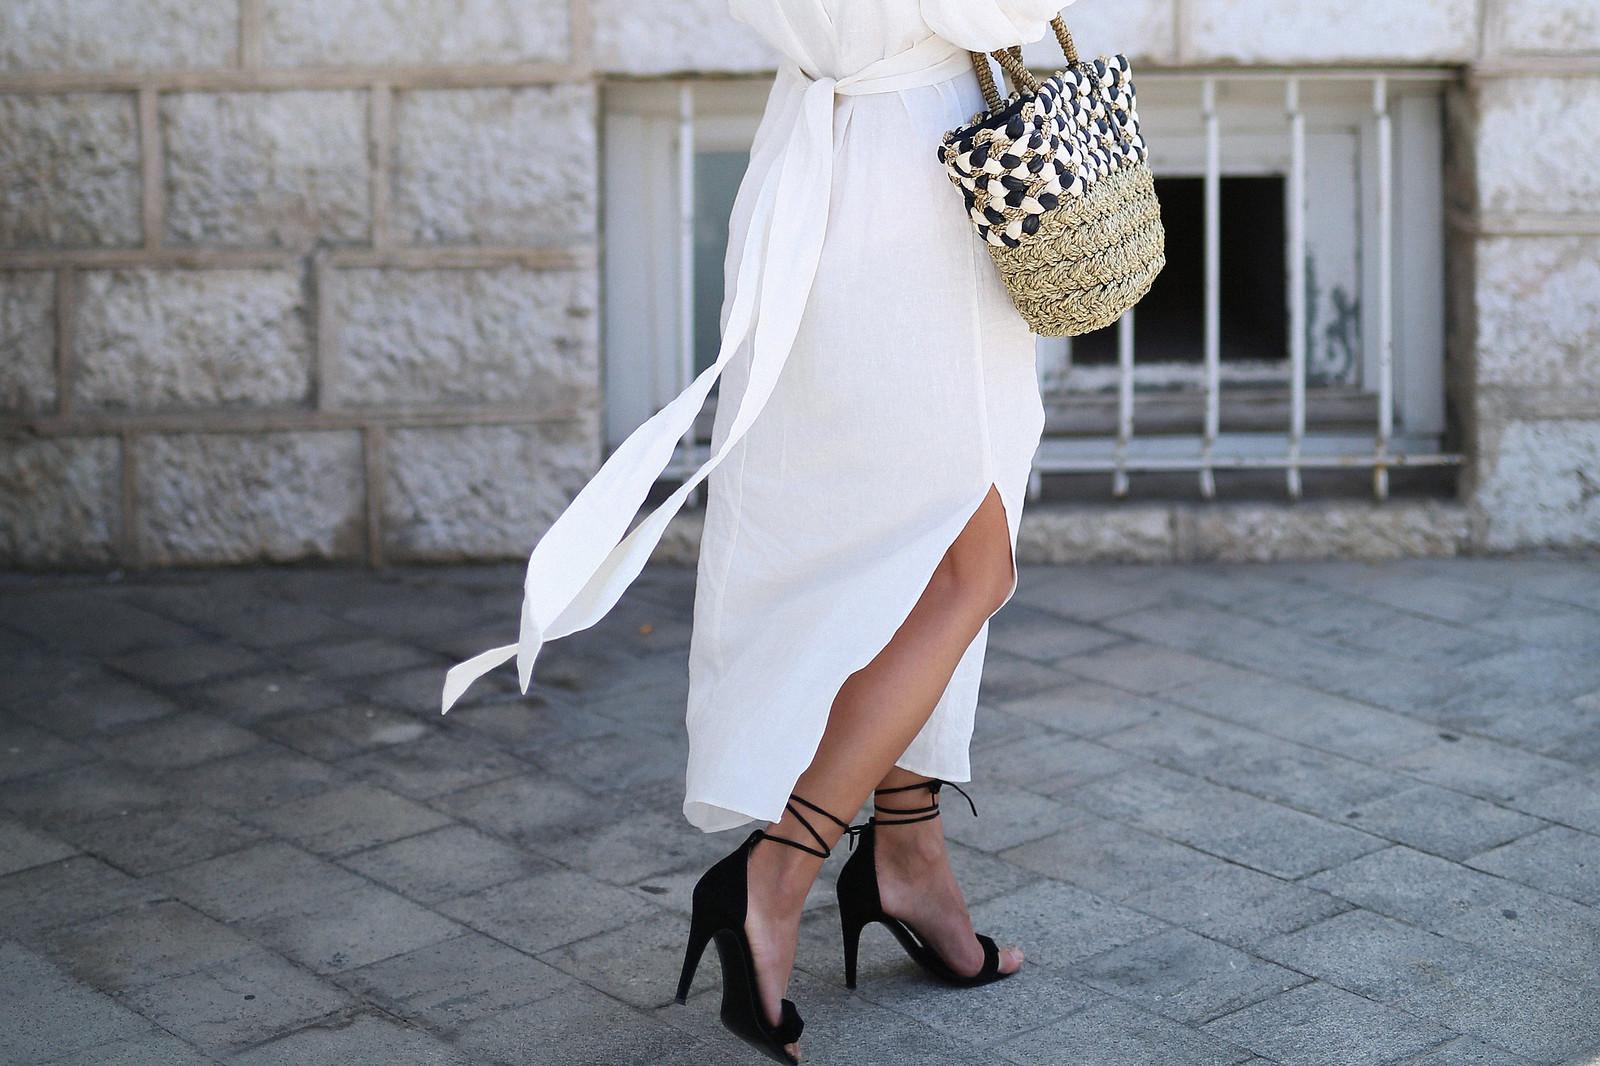 jessie chanes seams for a desire zara vestido lino capazo rafia-2